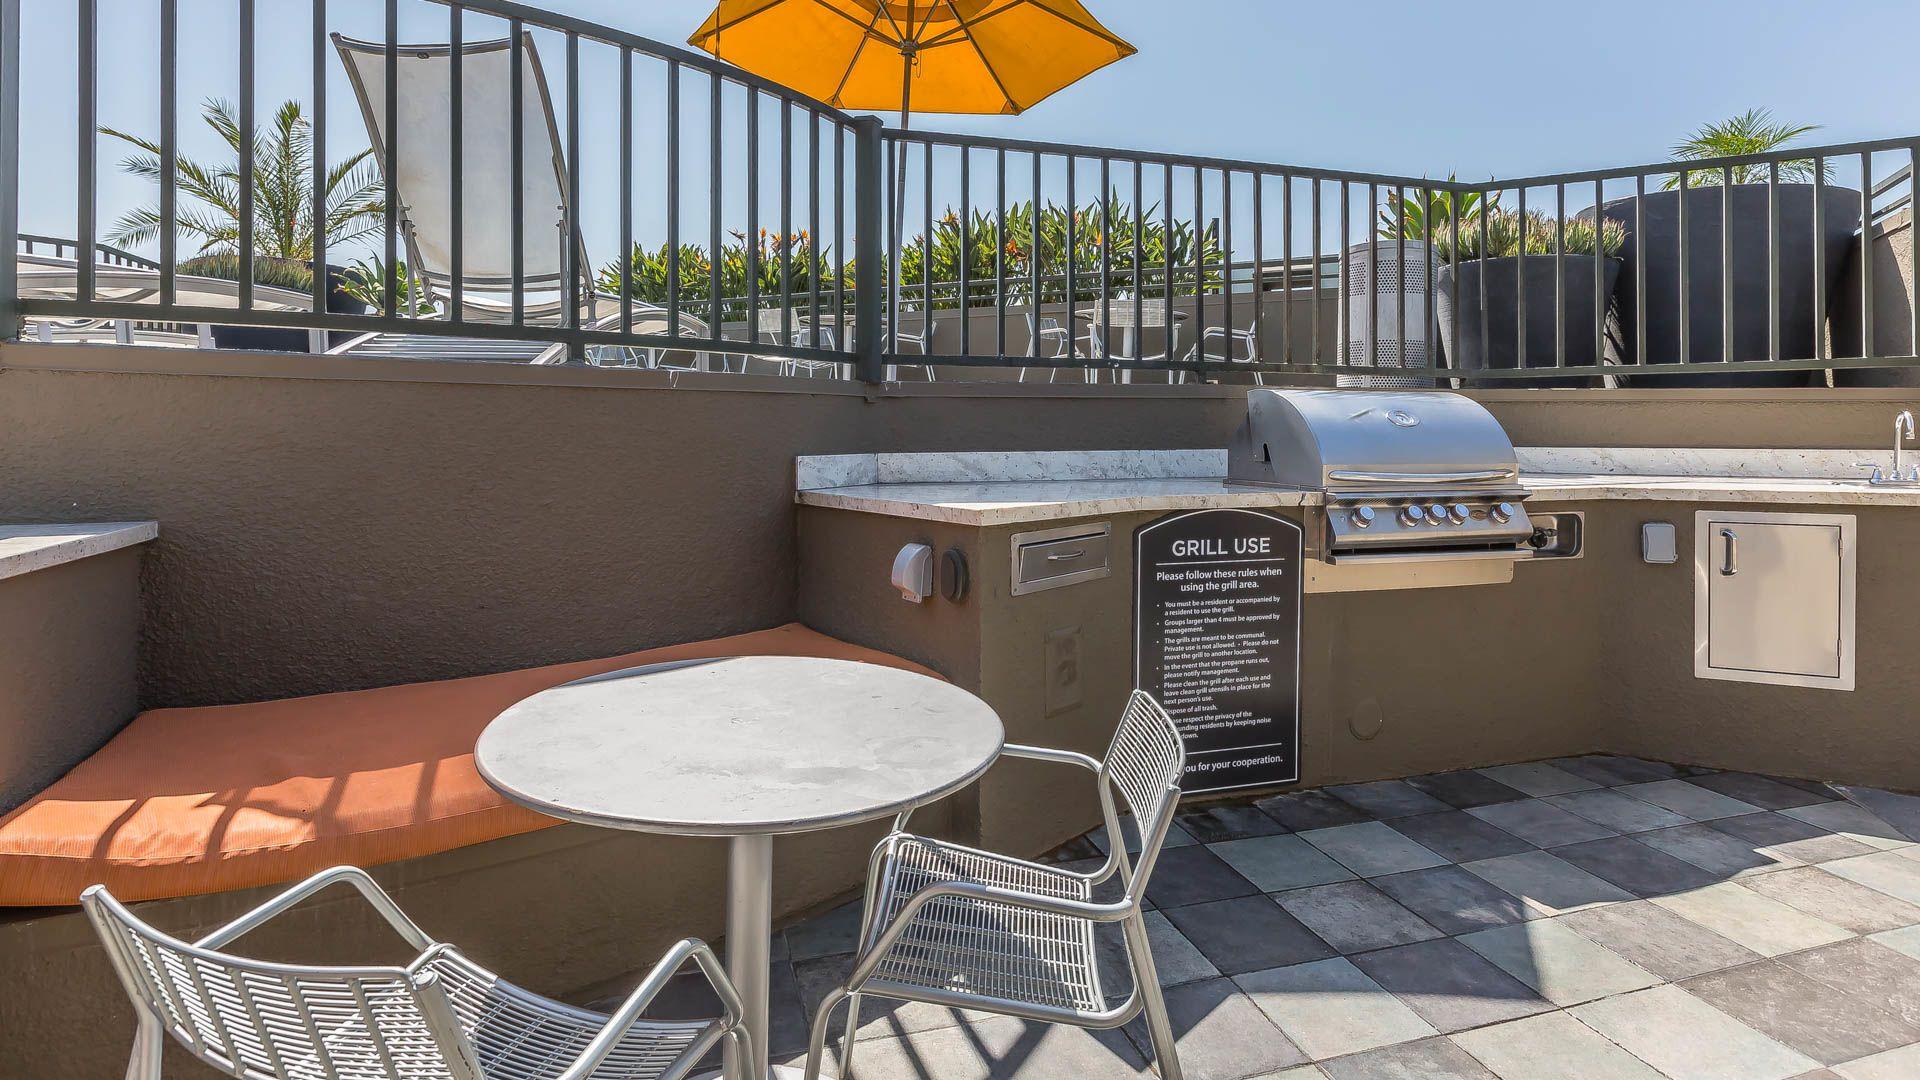 Vantage Apartments - Grilling